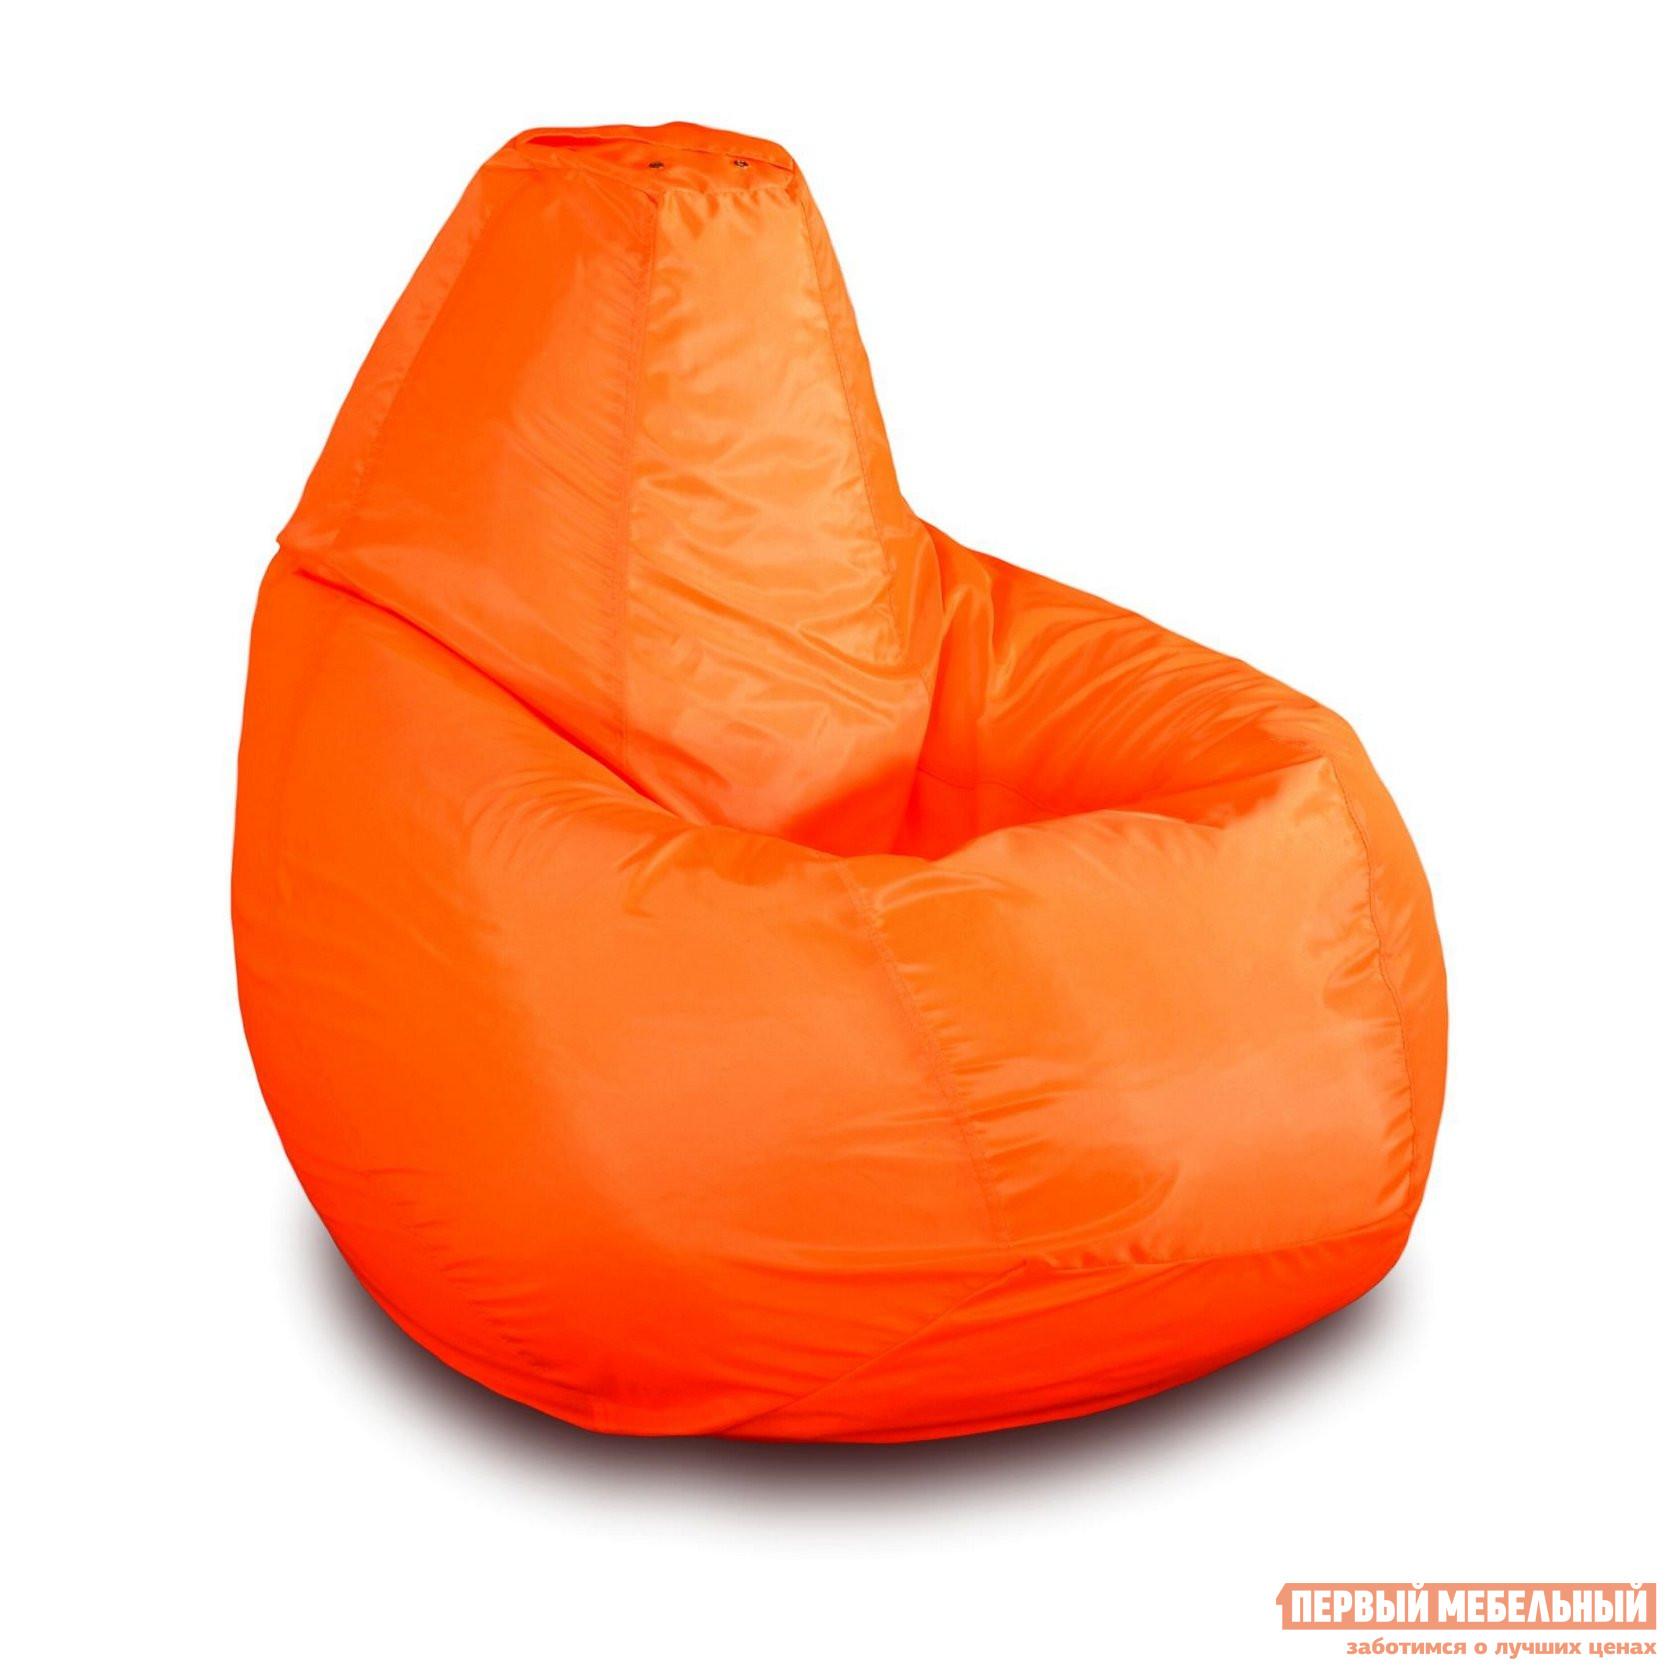 Кресло-мешок DreamBag Кресло Мешок Фьюжн 2XL цена в Москве и Питере